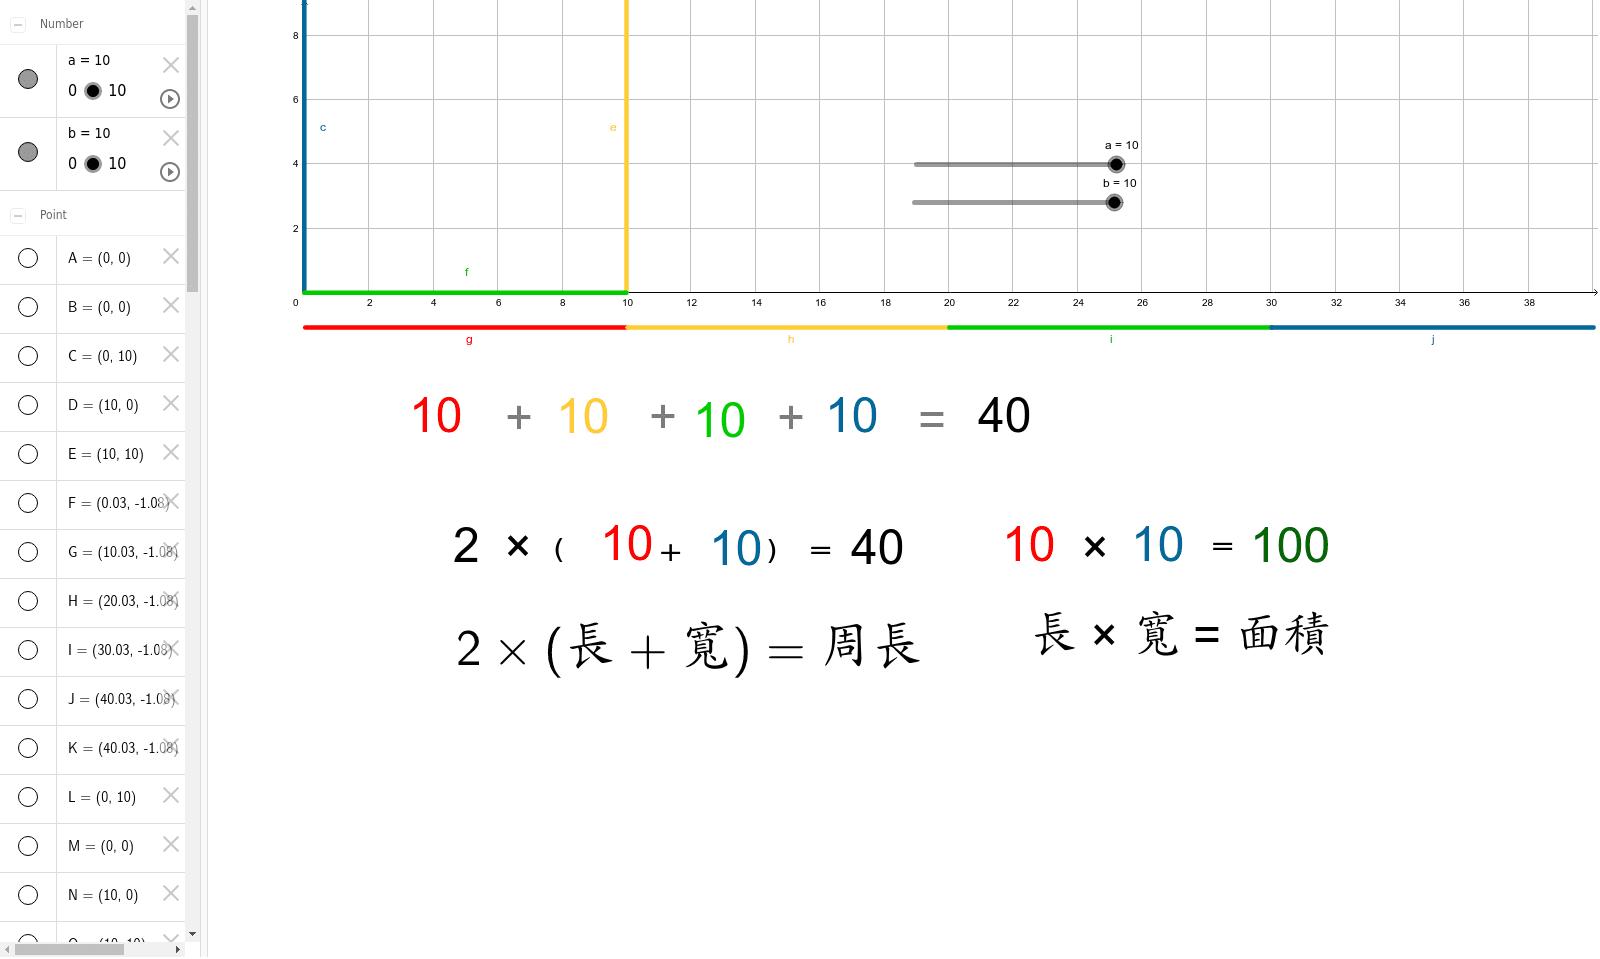 圖形與周長的關係